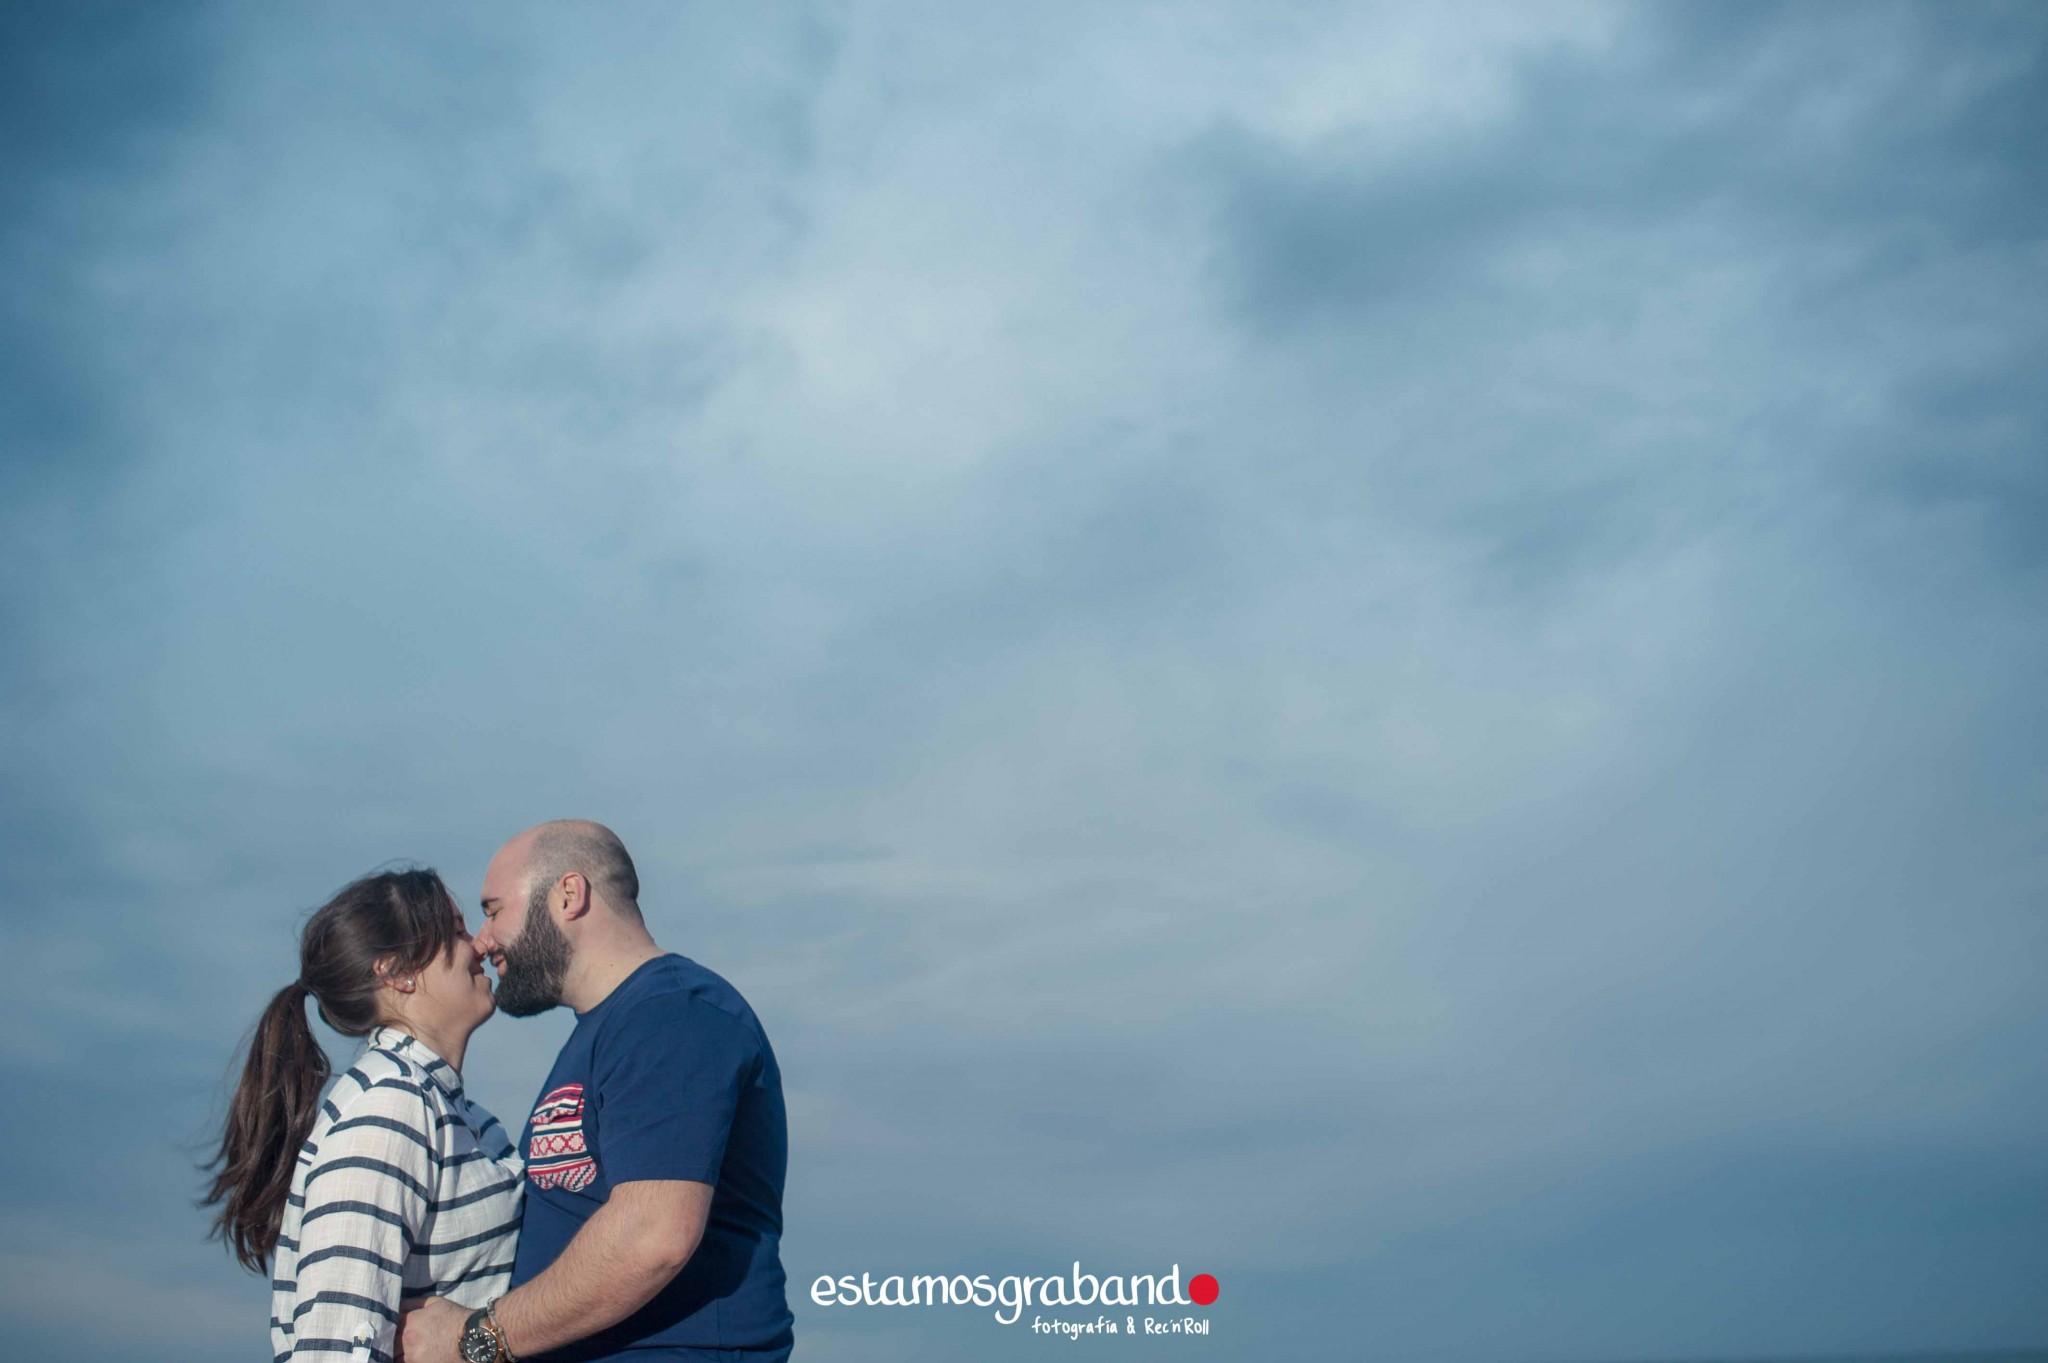 mariano-leticia-blog-25-de-25 Mariano & Leticia [Fotografía Preboda en Vejer y El Palmar] - video boda cadiz